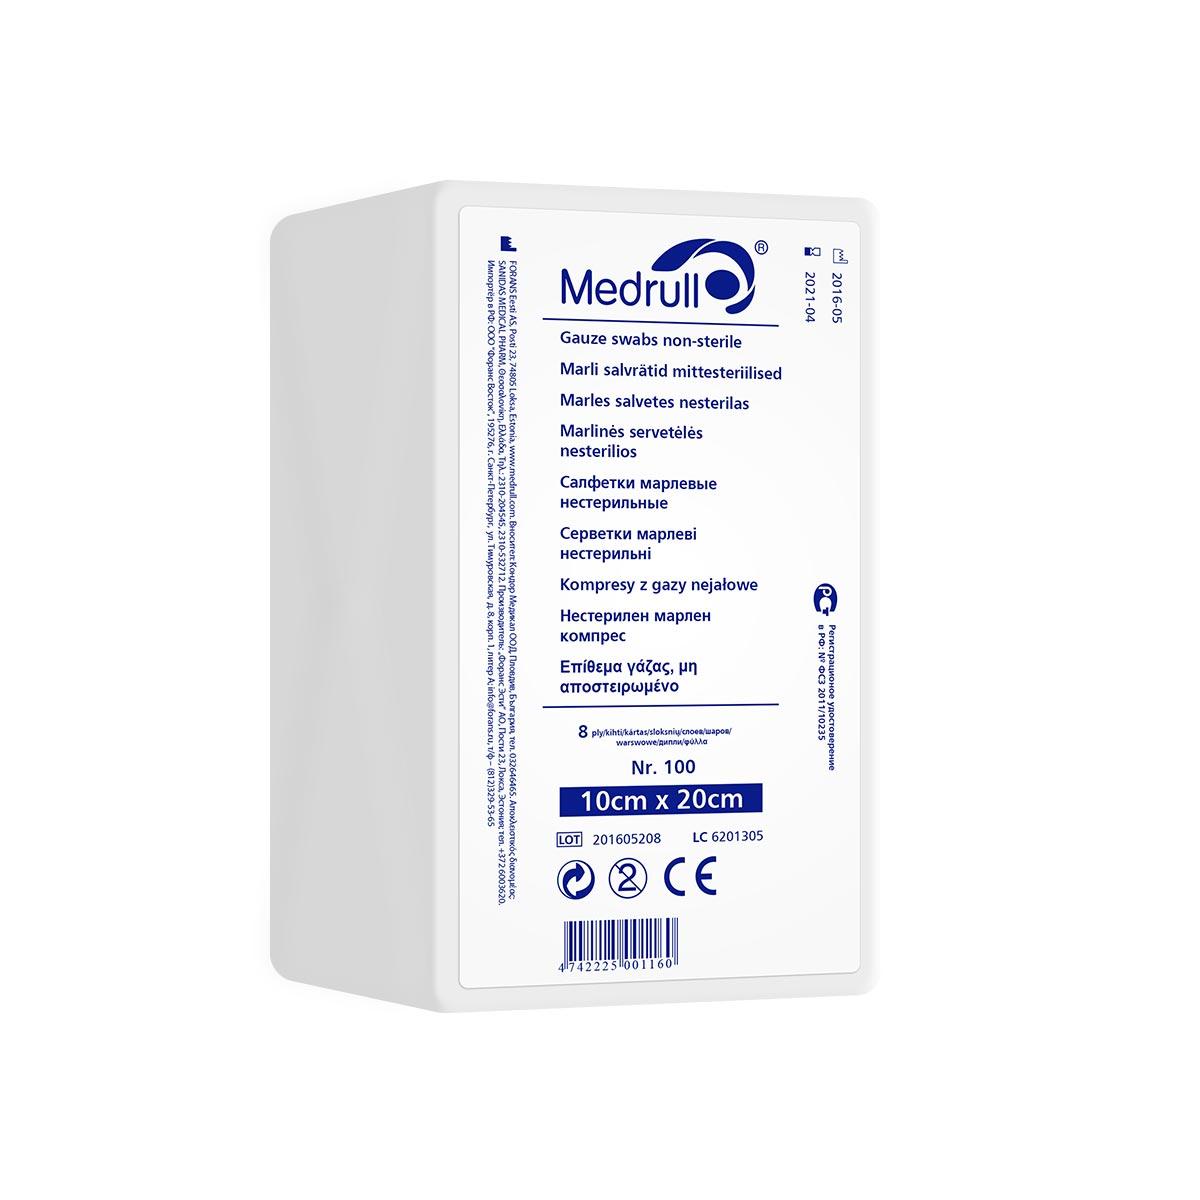 Medrull Салфетки марлевые медицинские  N100 , 8-слойные, нестерильные, 10х20 см - Перевязочные материалы